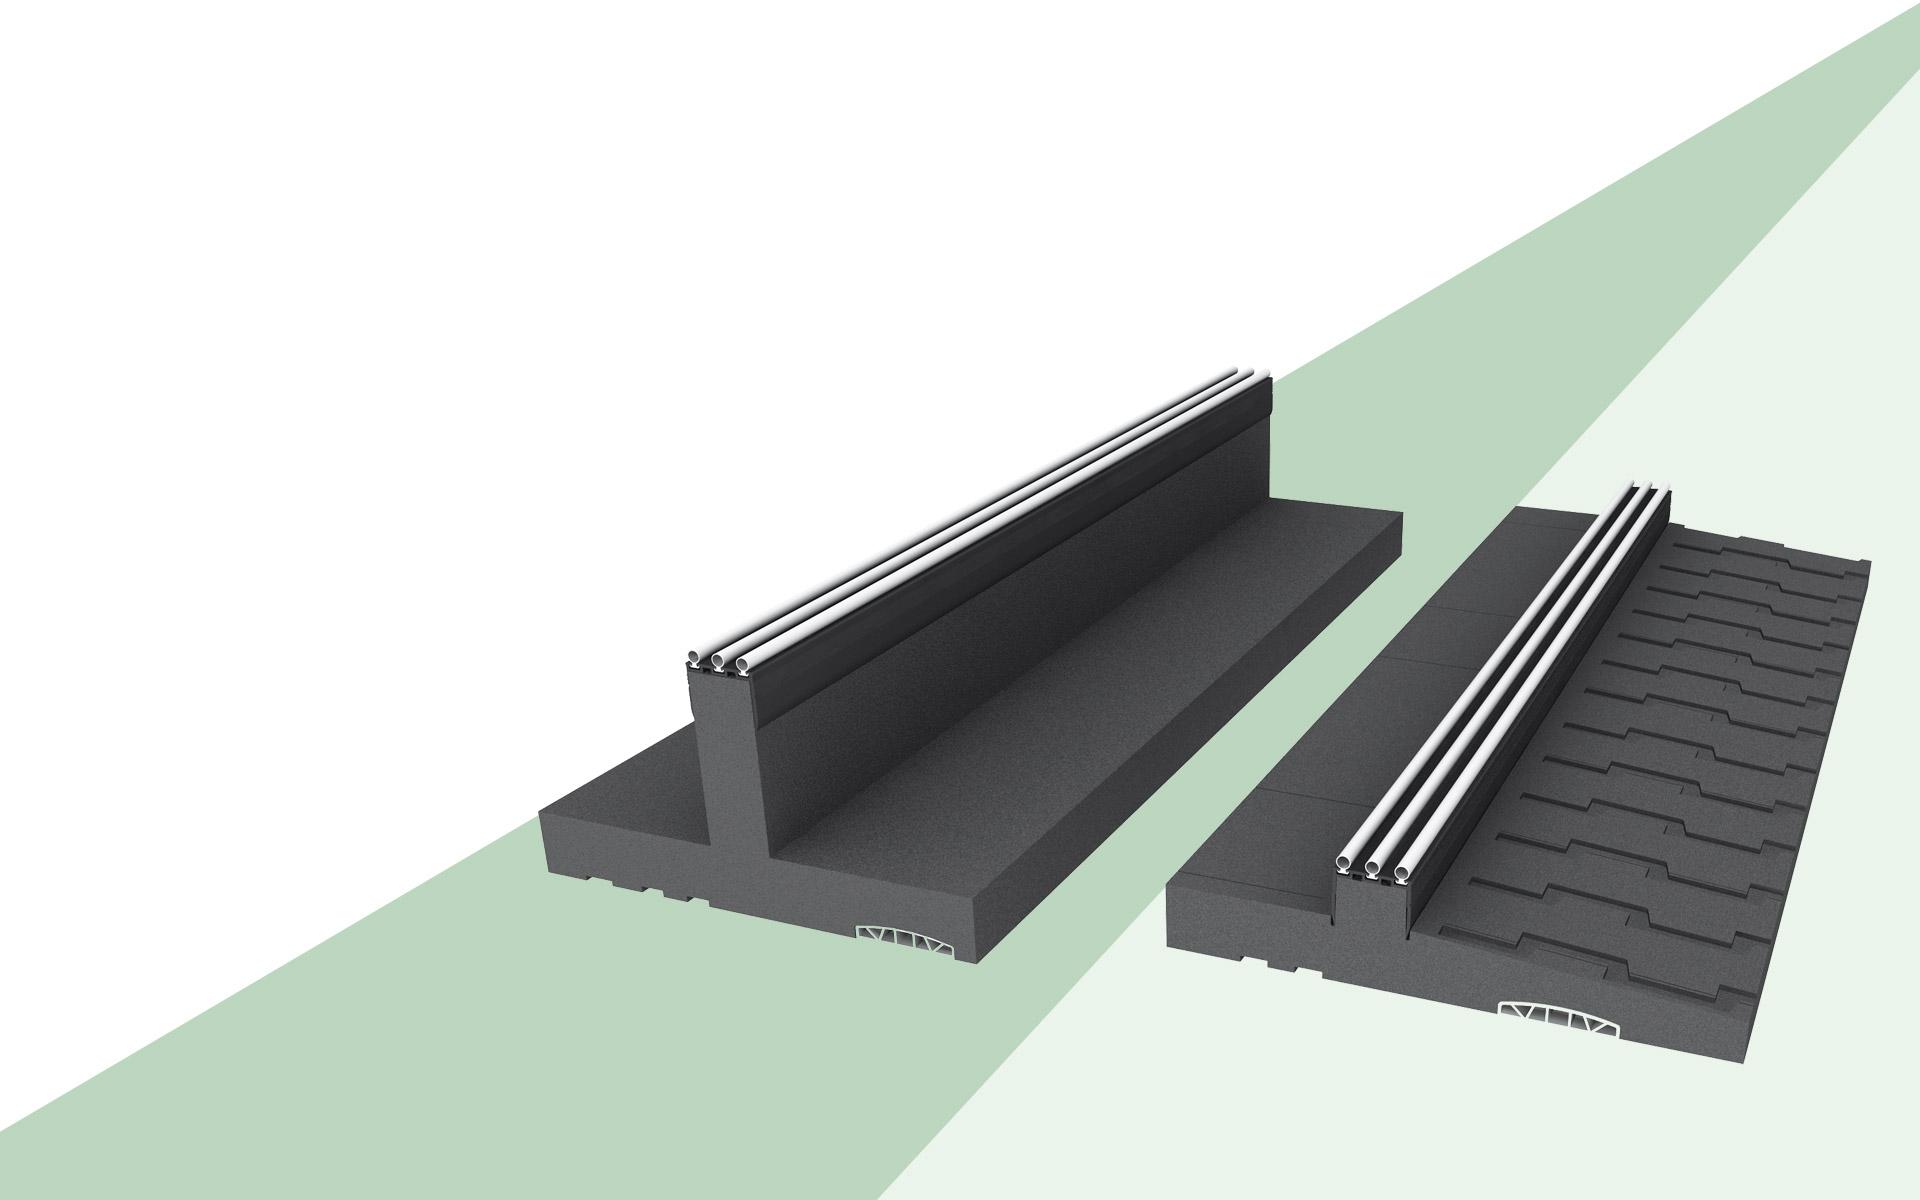 Beck+Heun Corporate Design, Markenkommunikation, Gestaltungsprinzipien